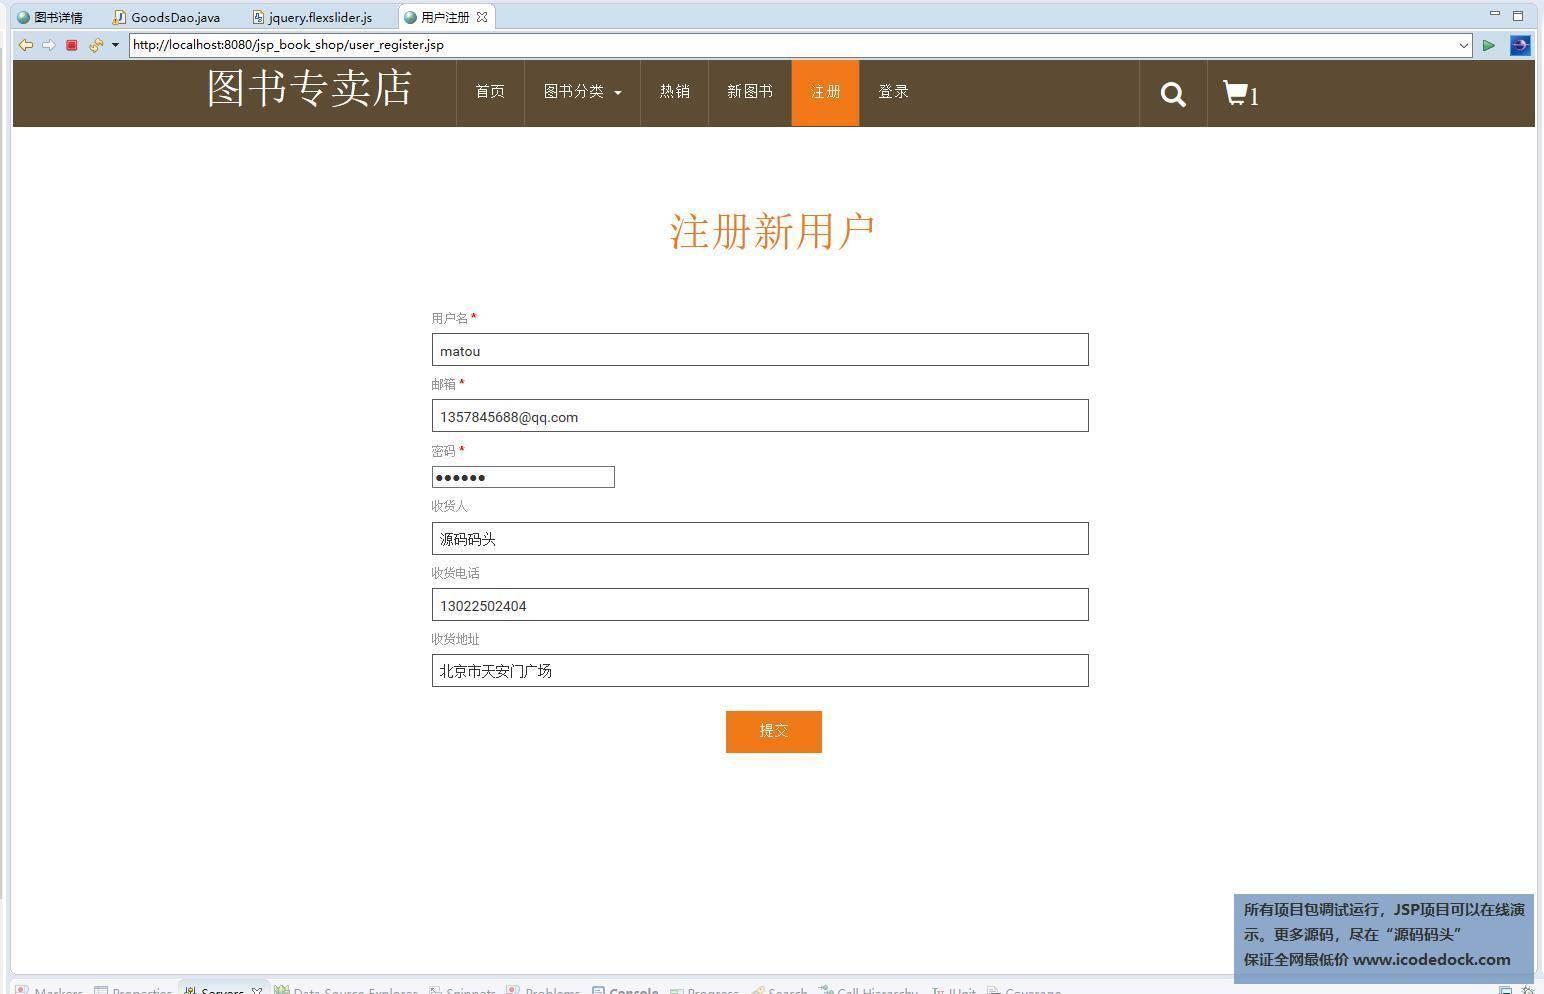 源码码头-JSP图书商城项目管理系统-用户角色-用户注册